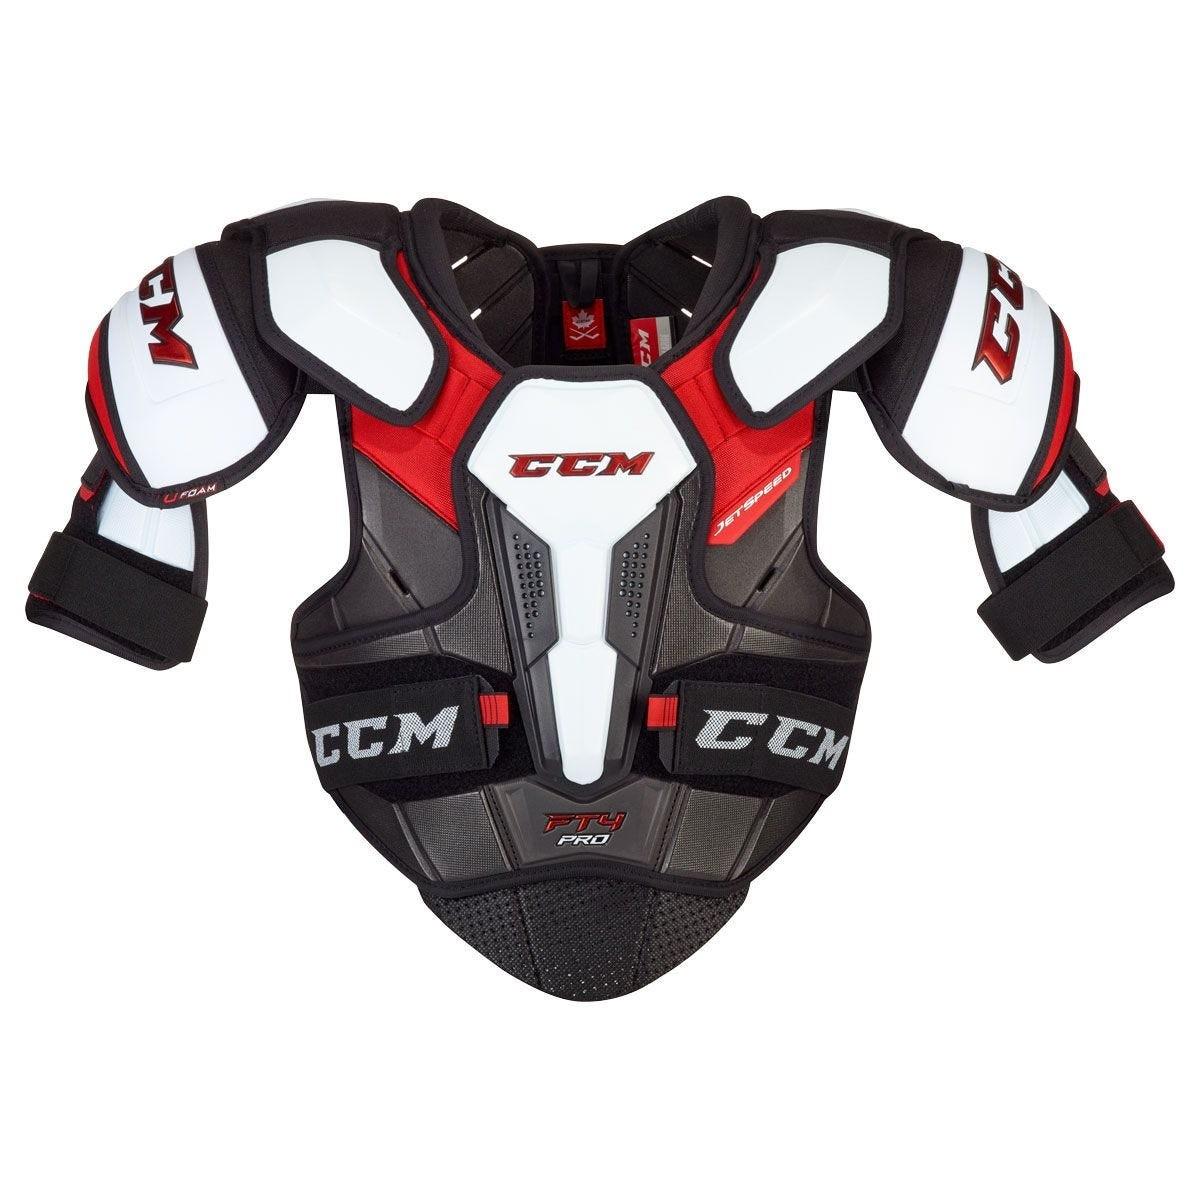 CCM Jetspeed FT4 Pro Junior Shoulder Pads